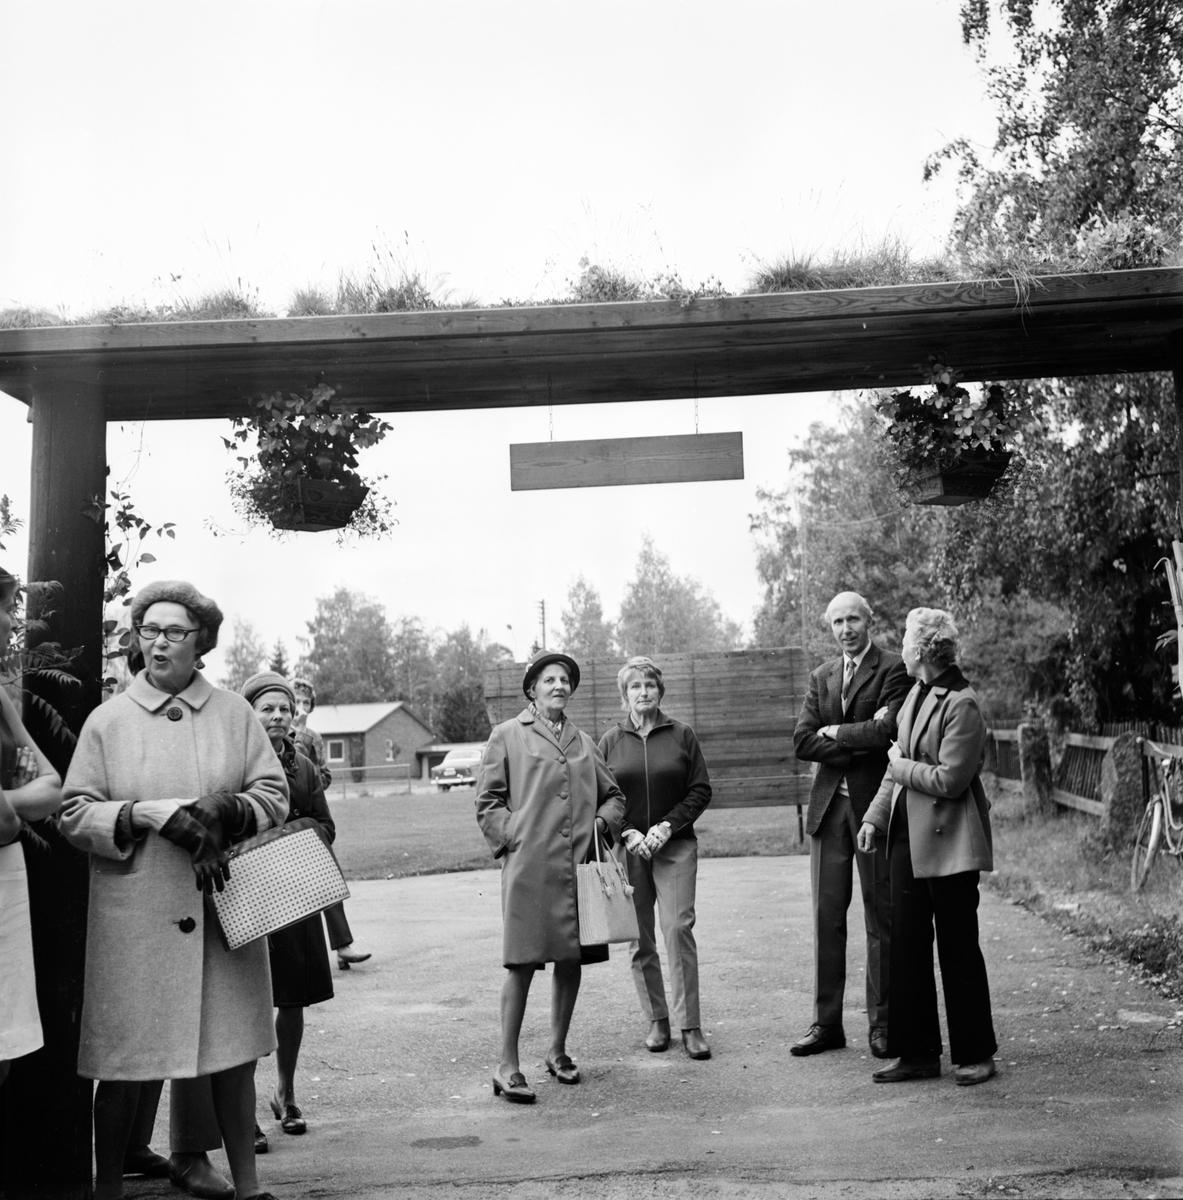 Visning av trädgårdar i Arbå. Lars Green Oktober-1970